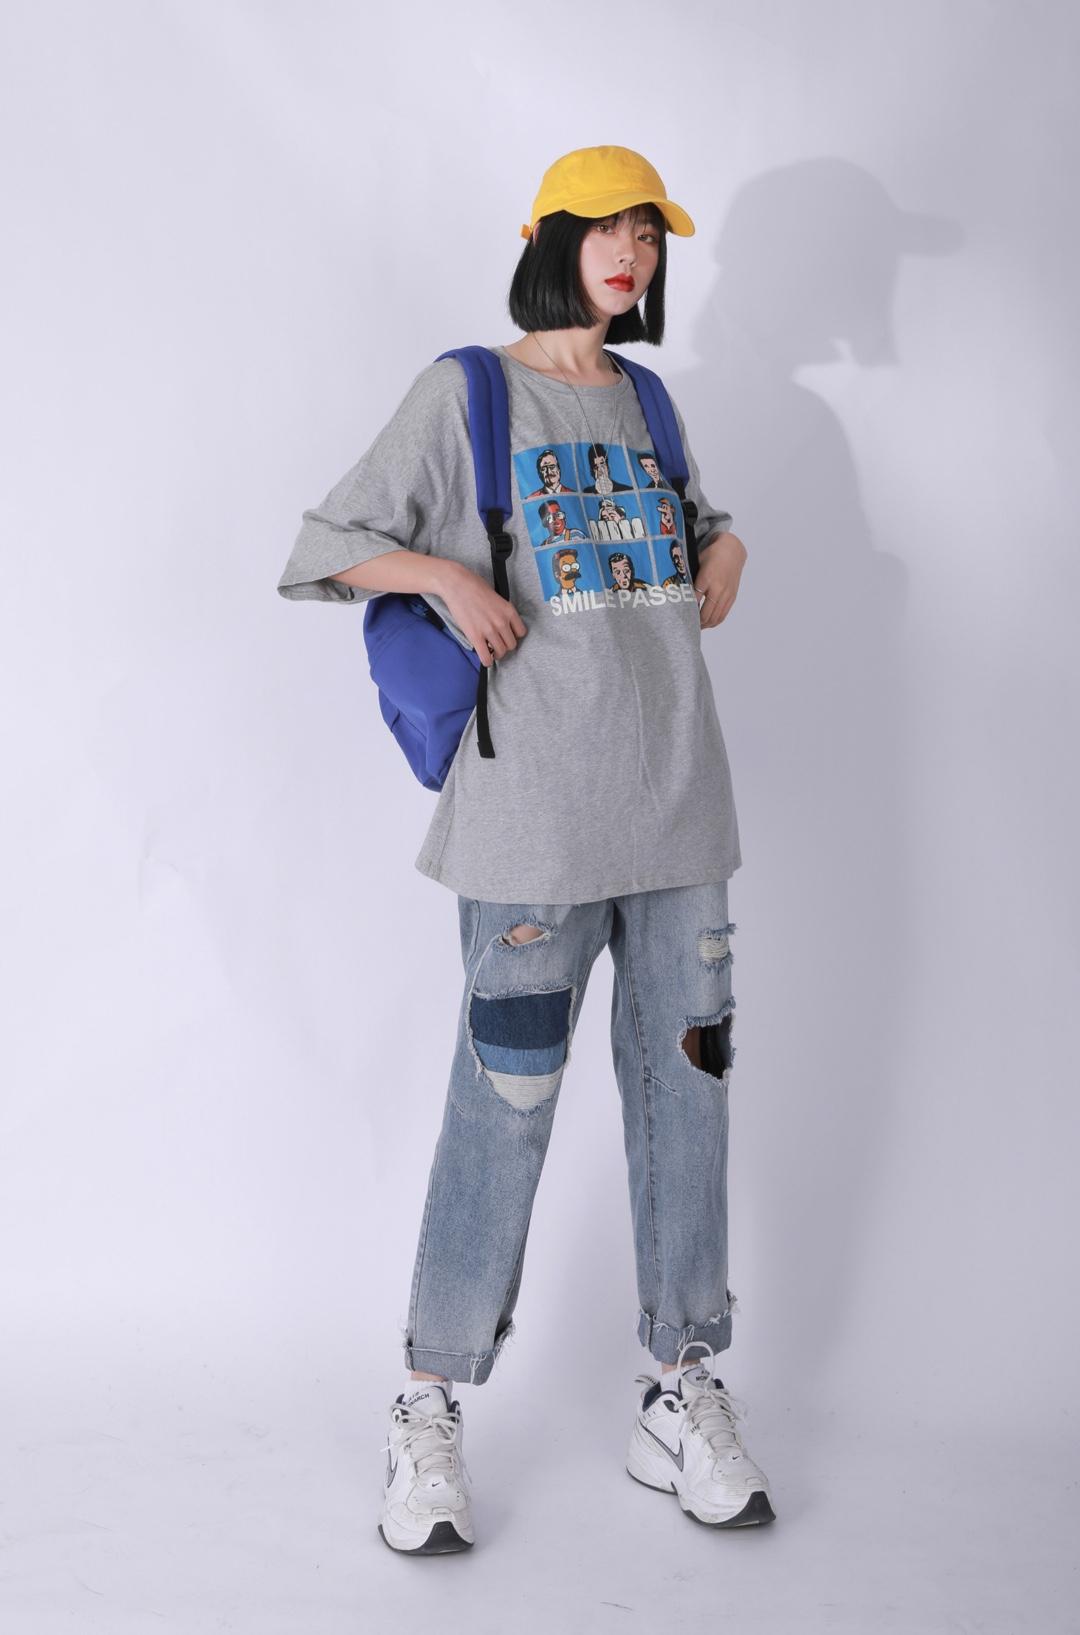 #妖精的口袋5.6上新# 宽松的印花T恤 很特别 下装可以搭配破洞的牛仔裤哦